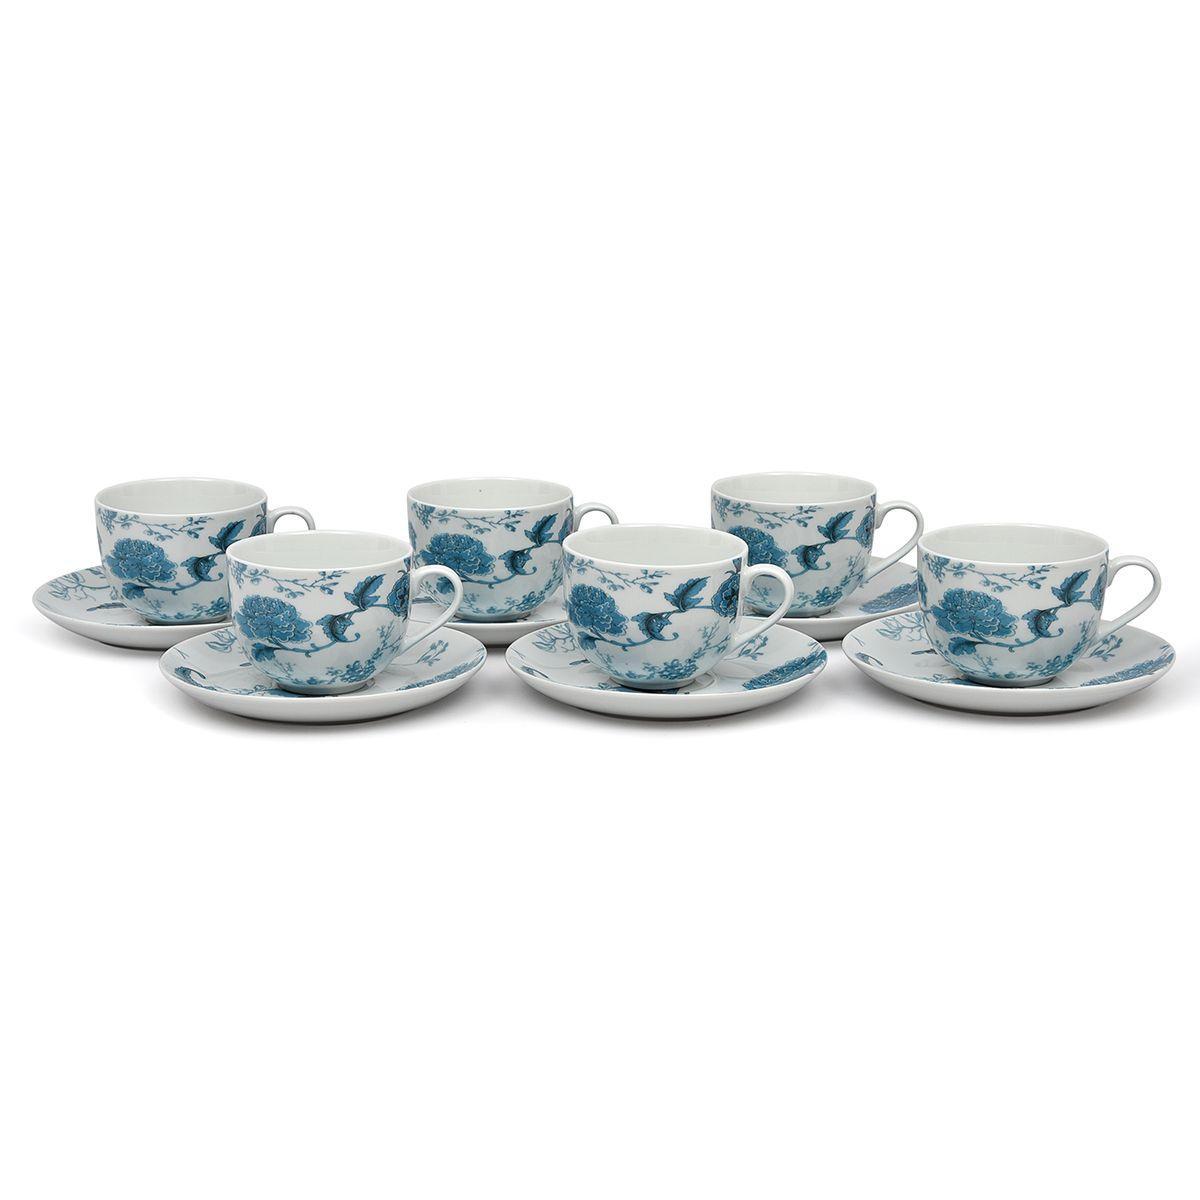 """Чайные чашки с блюдцами, набор 6 шт. """"Лазурный дракон"""""""